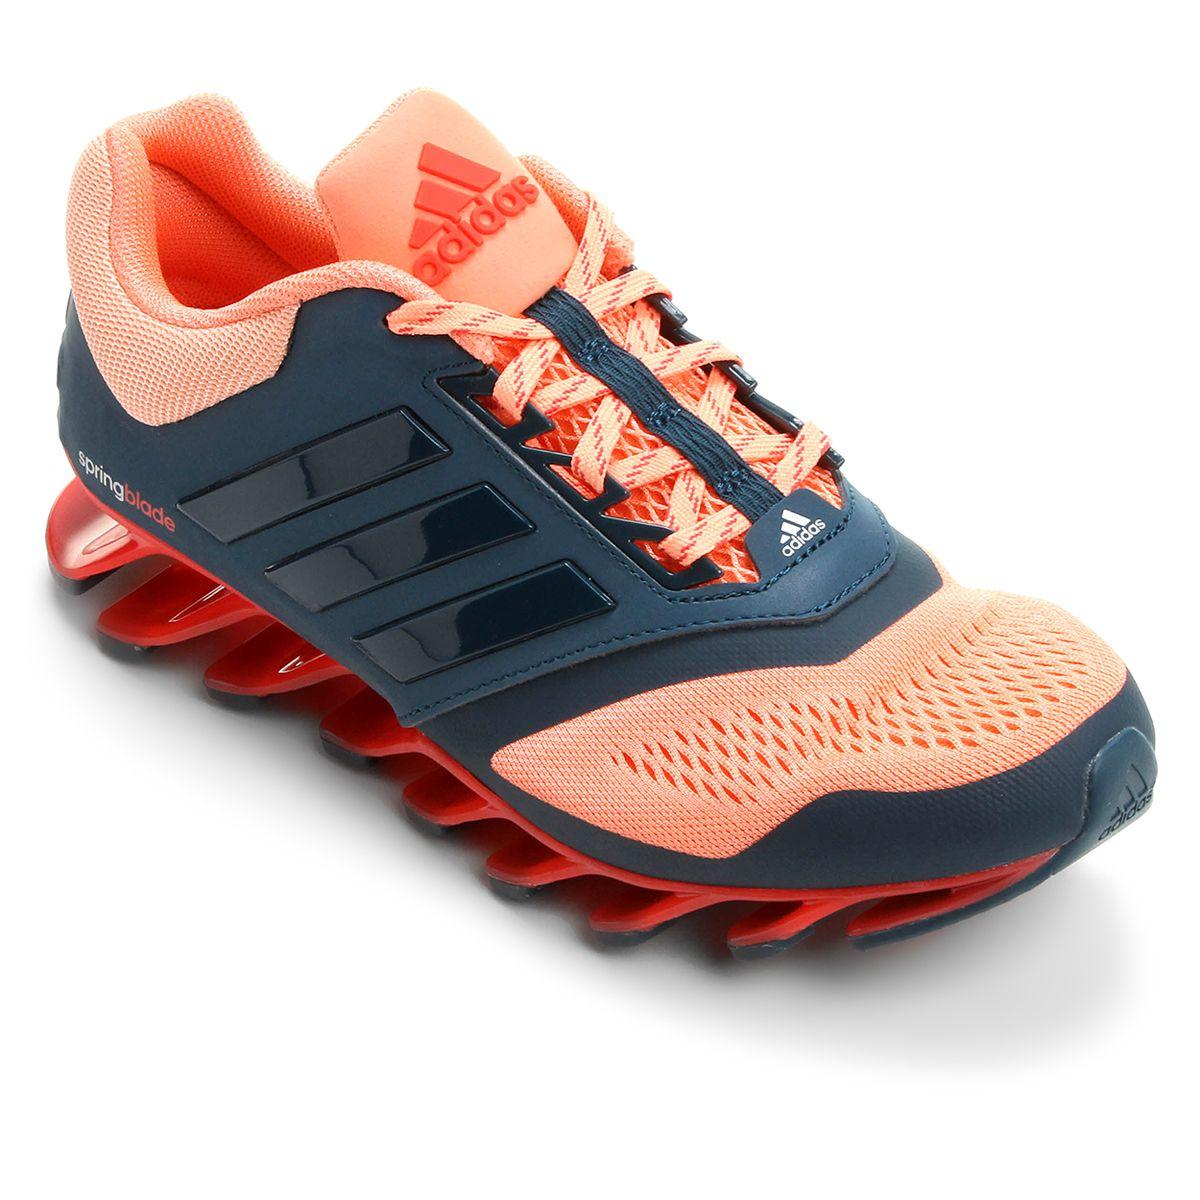 Tênis Adidas Springblade Drive 3 Feminino - Salmão e Azul